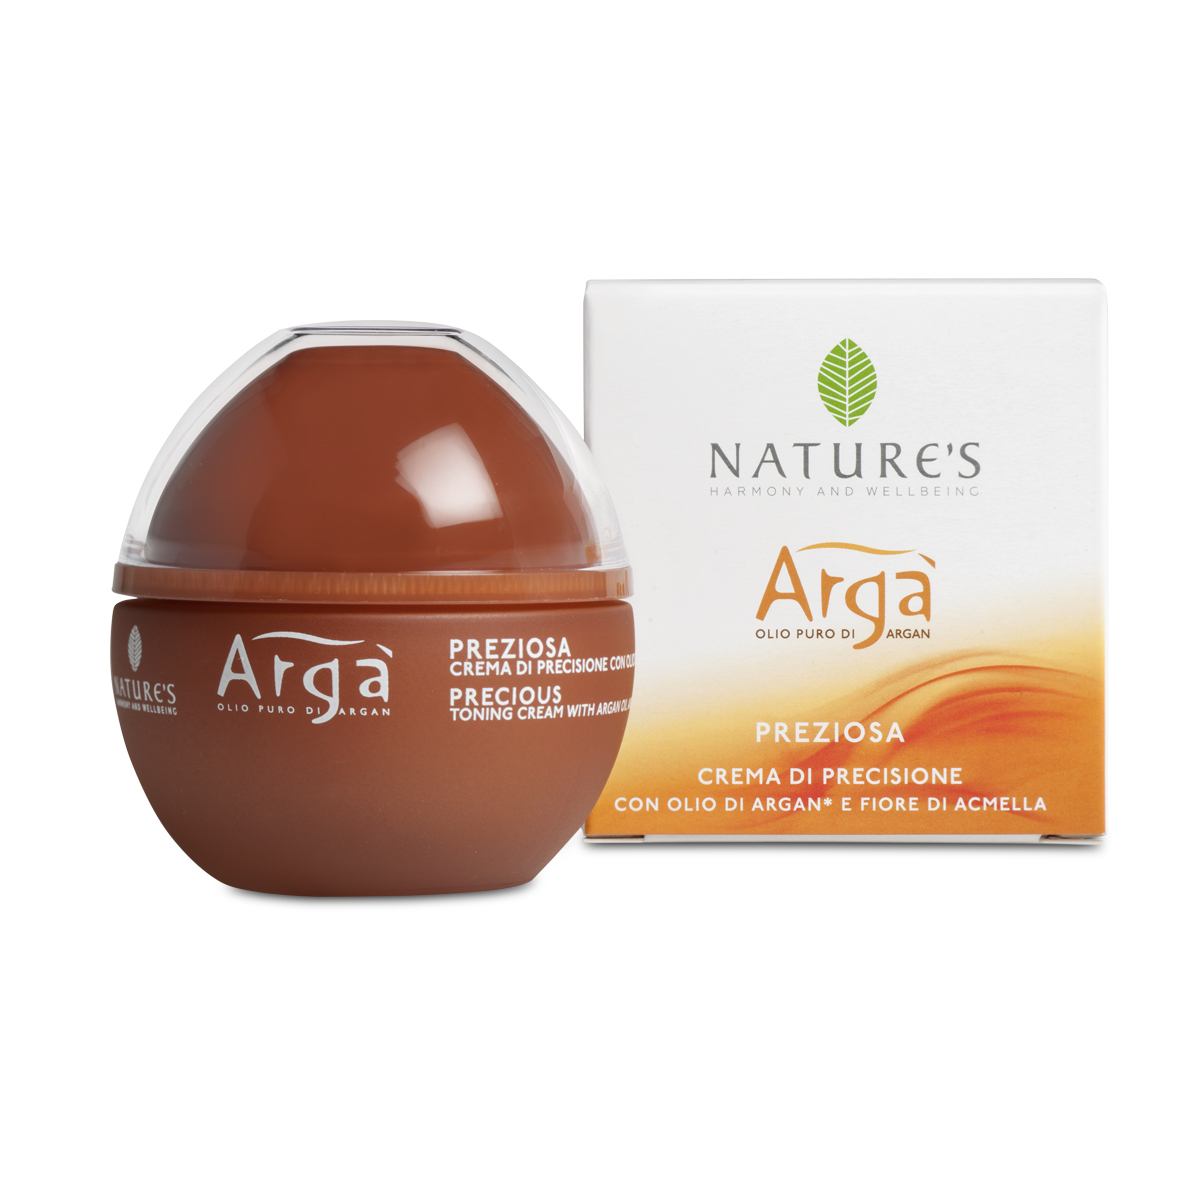 Crema Preziosa di Precisione 50 ml